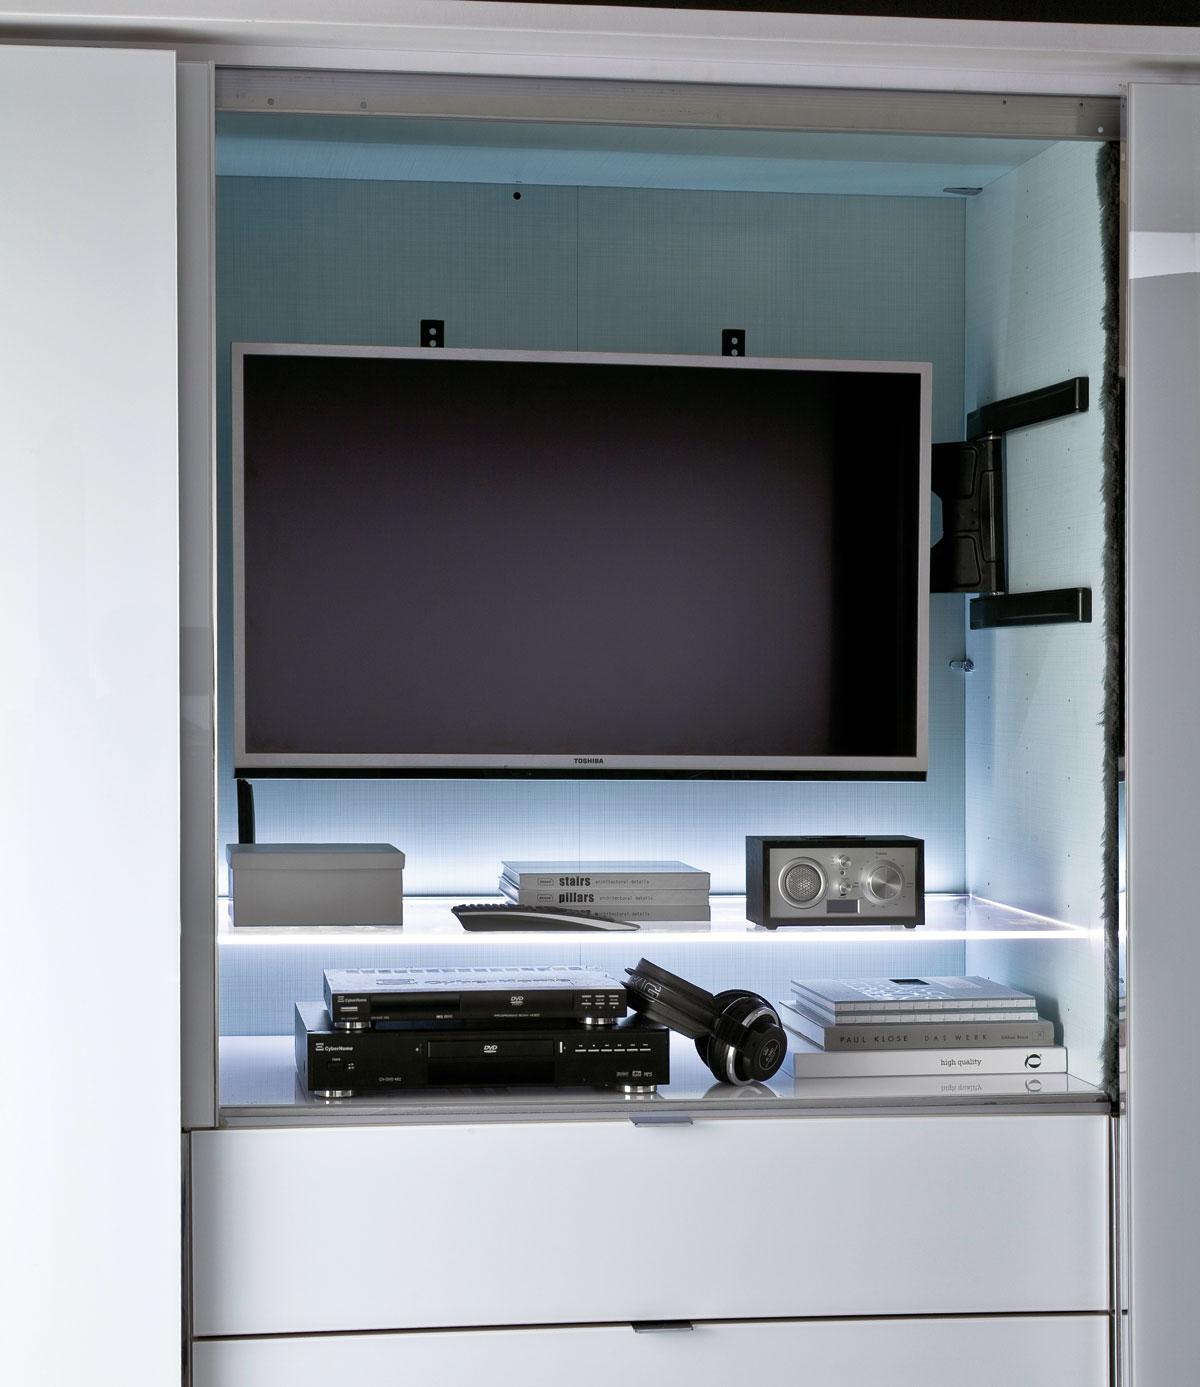 Staud Media Kleiderschrank Mit Tv Fach U Spiegel Weiss B 336 Cm